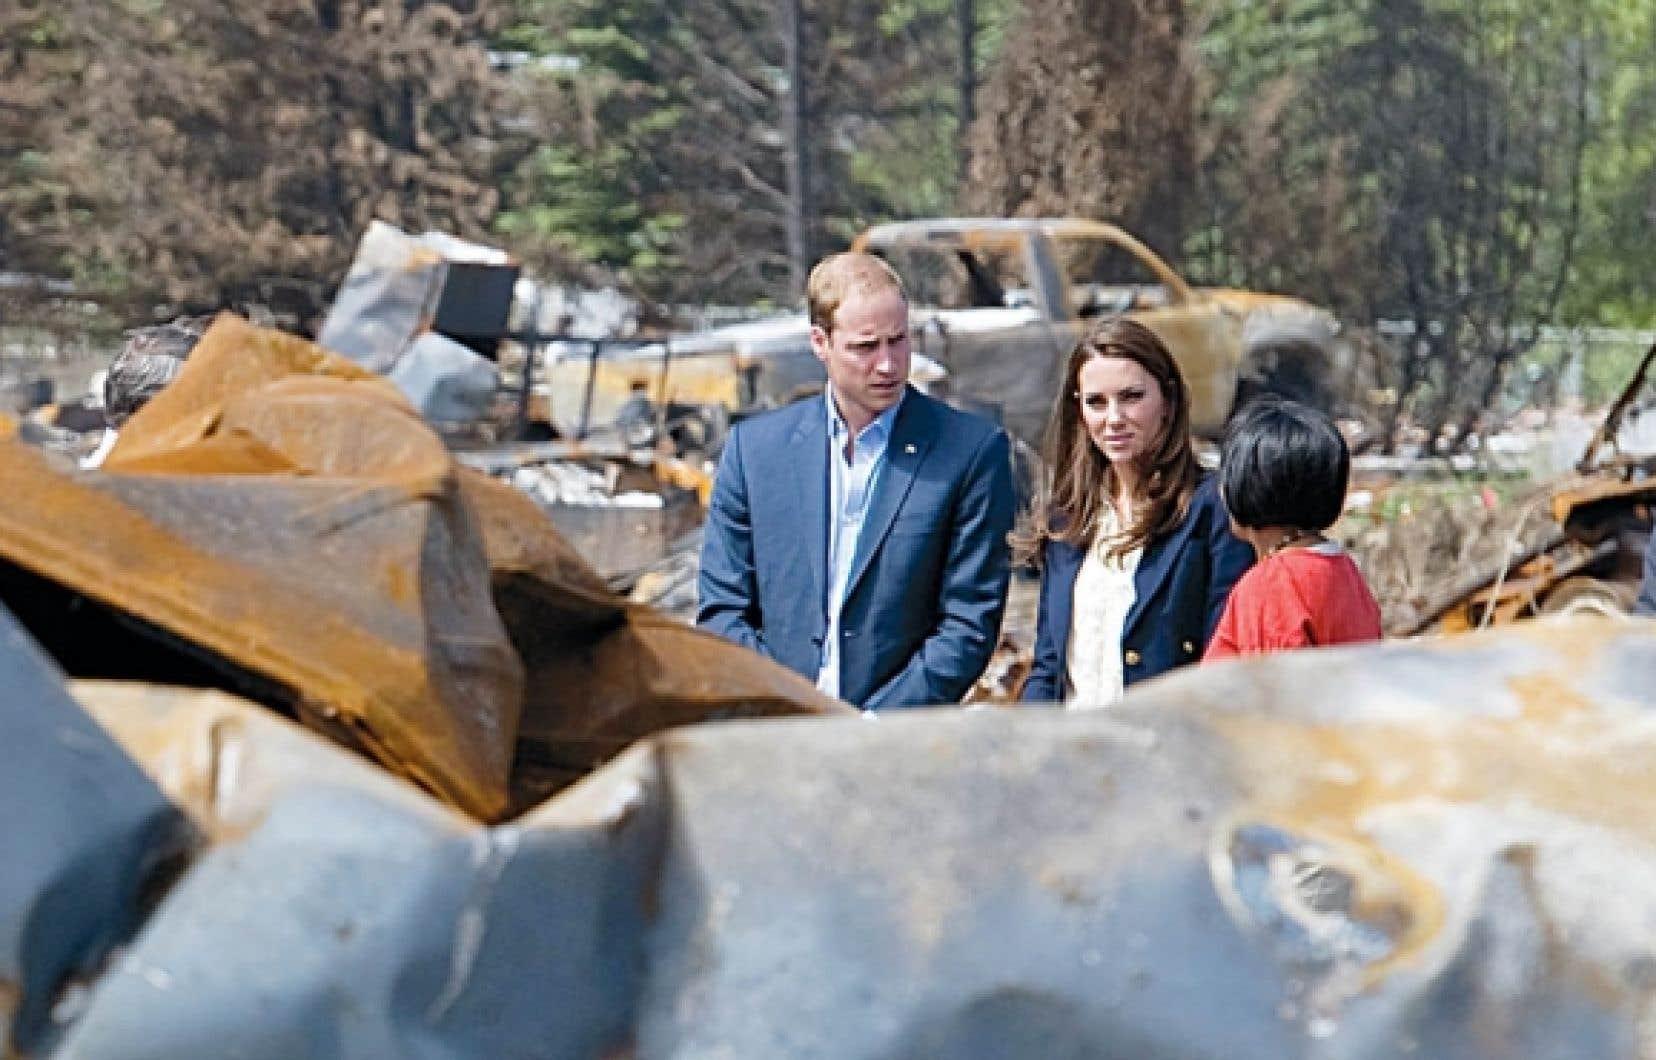 Le prince William et sa femme Catherine visitent Slave Lake en compagnie de la mairesse de la ville, Karinas Pillay-Kinnee.